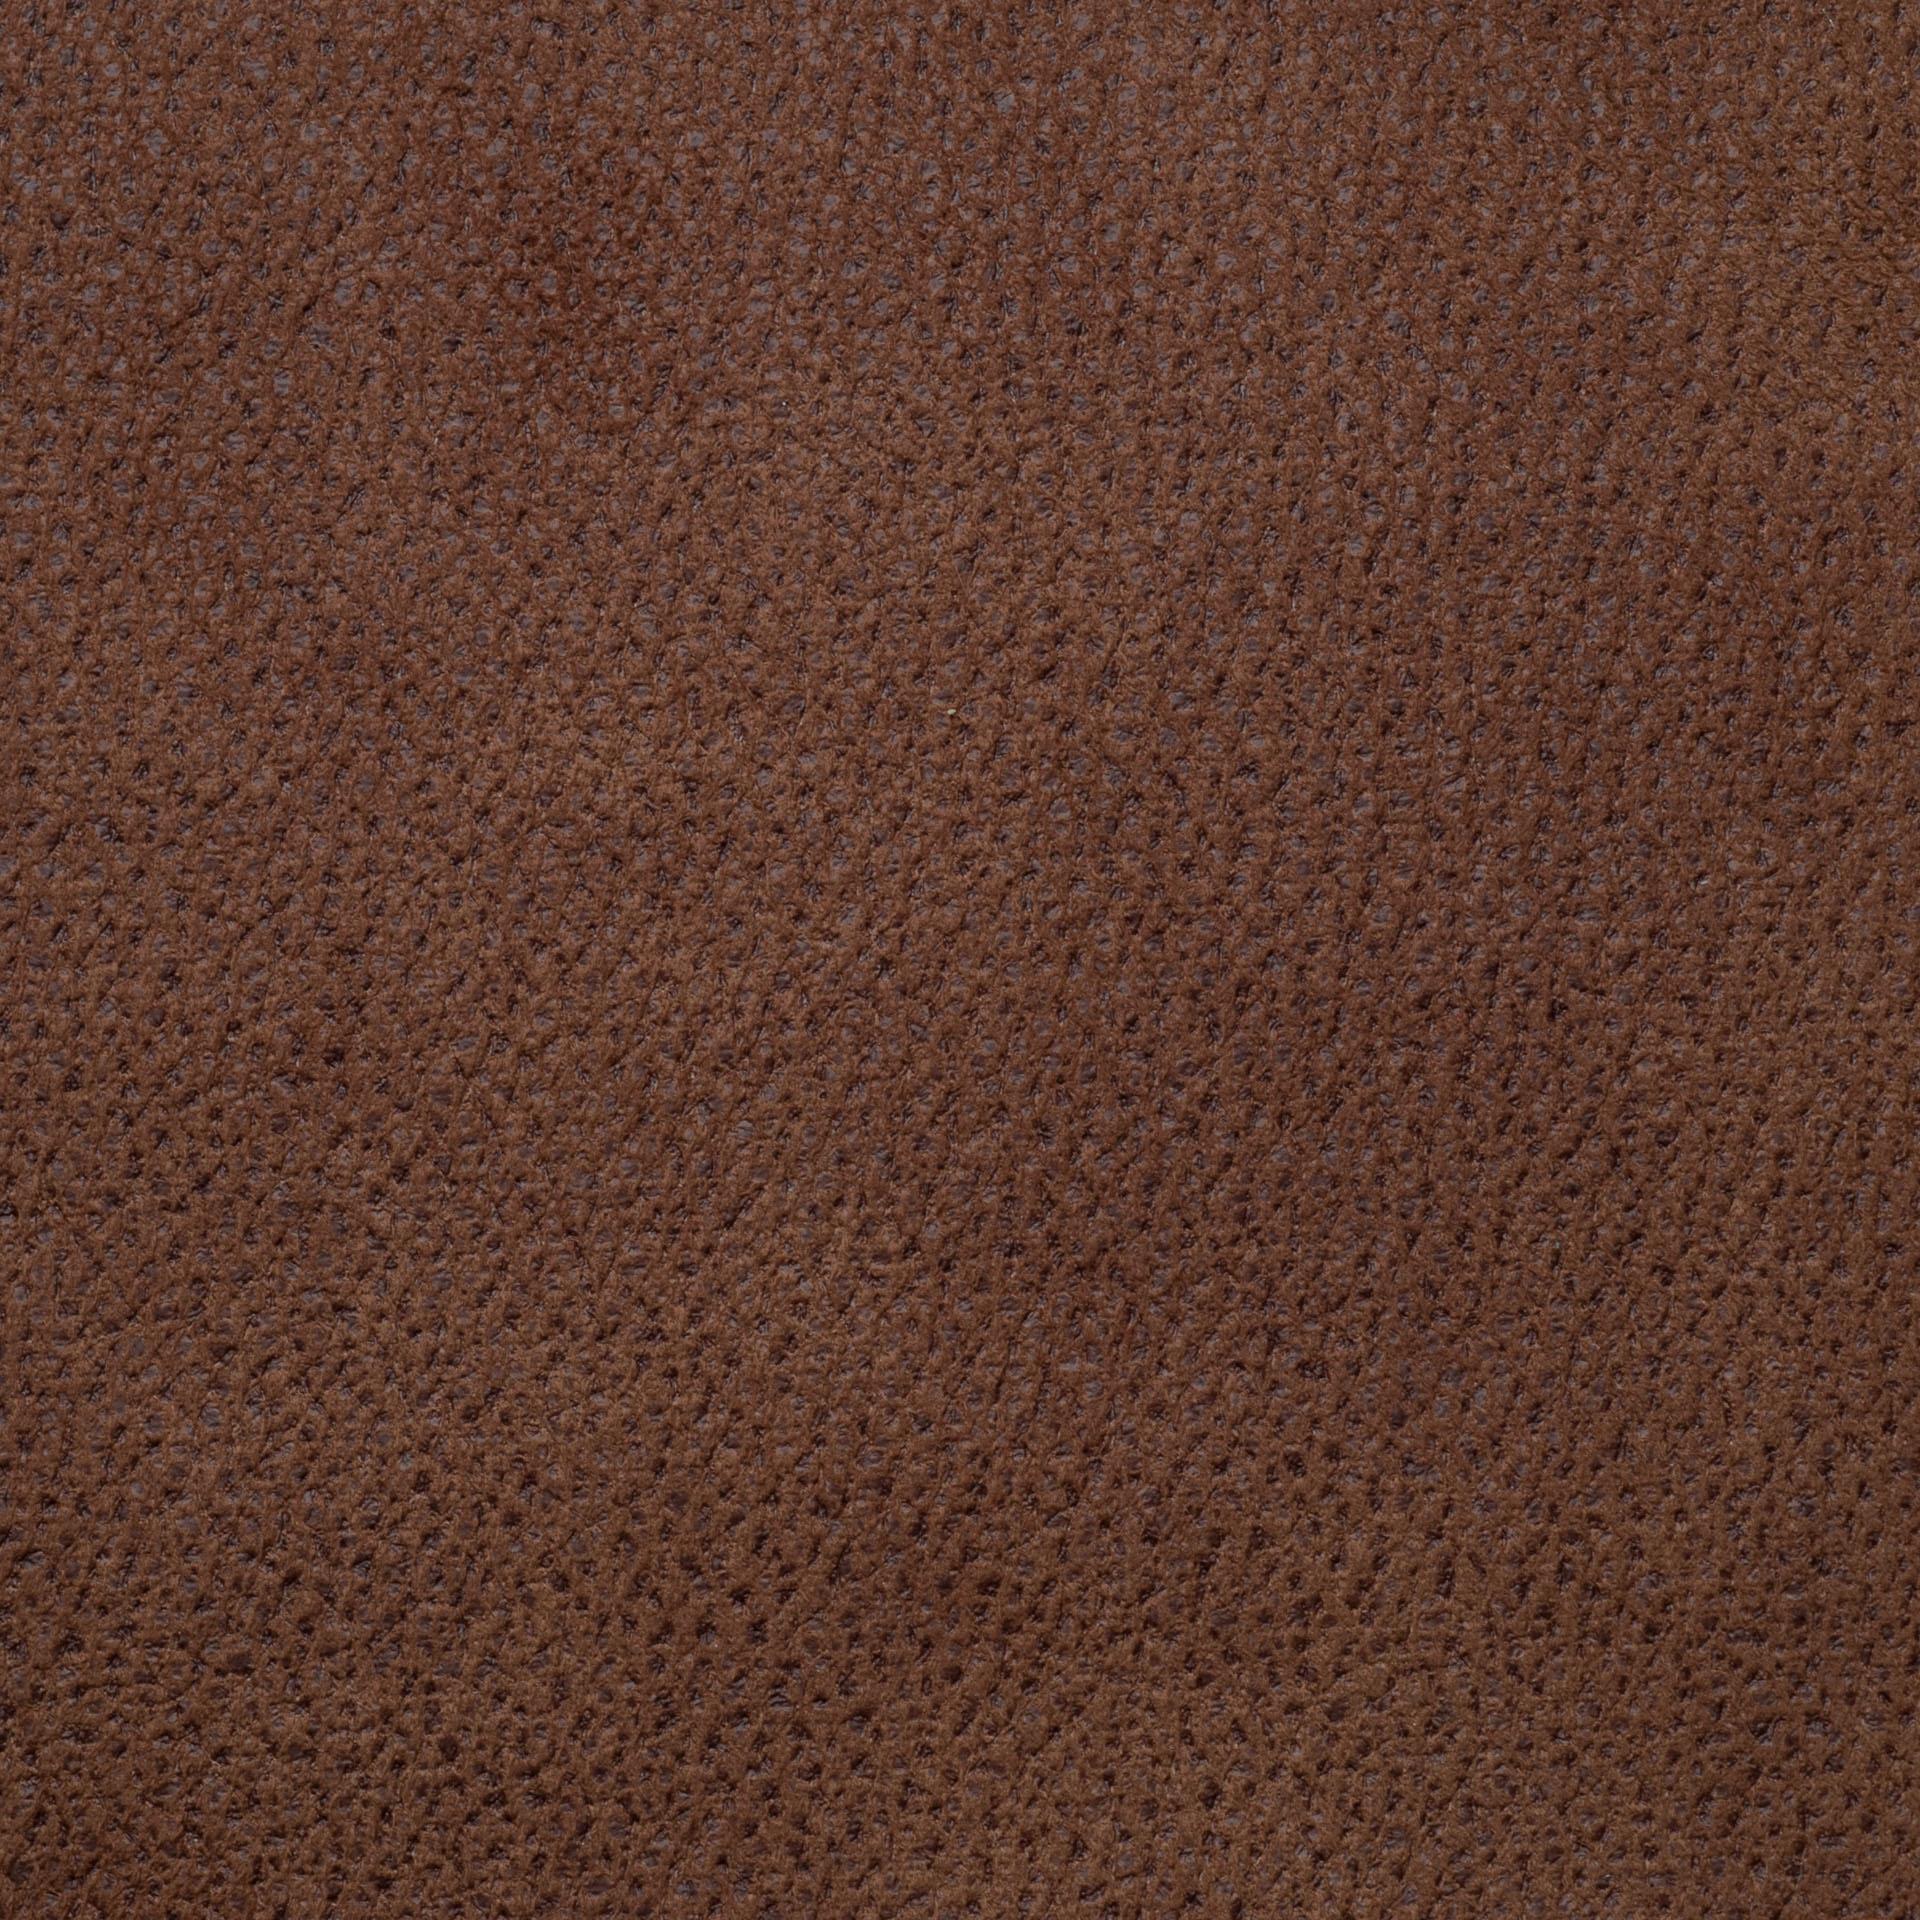 Коллекция ткани Мустанг BROWN,  купить ткань Велюр для мебели Украина